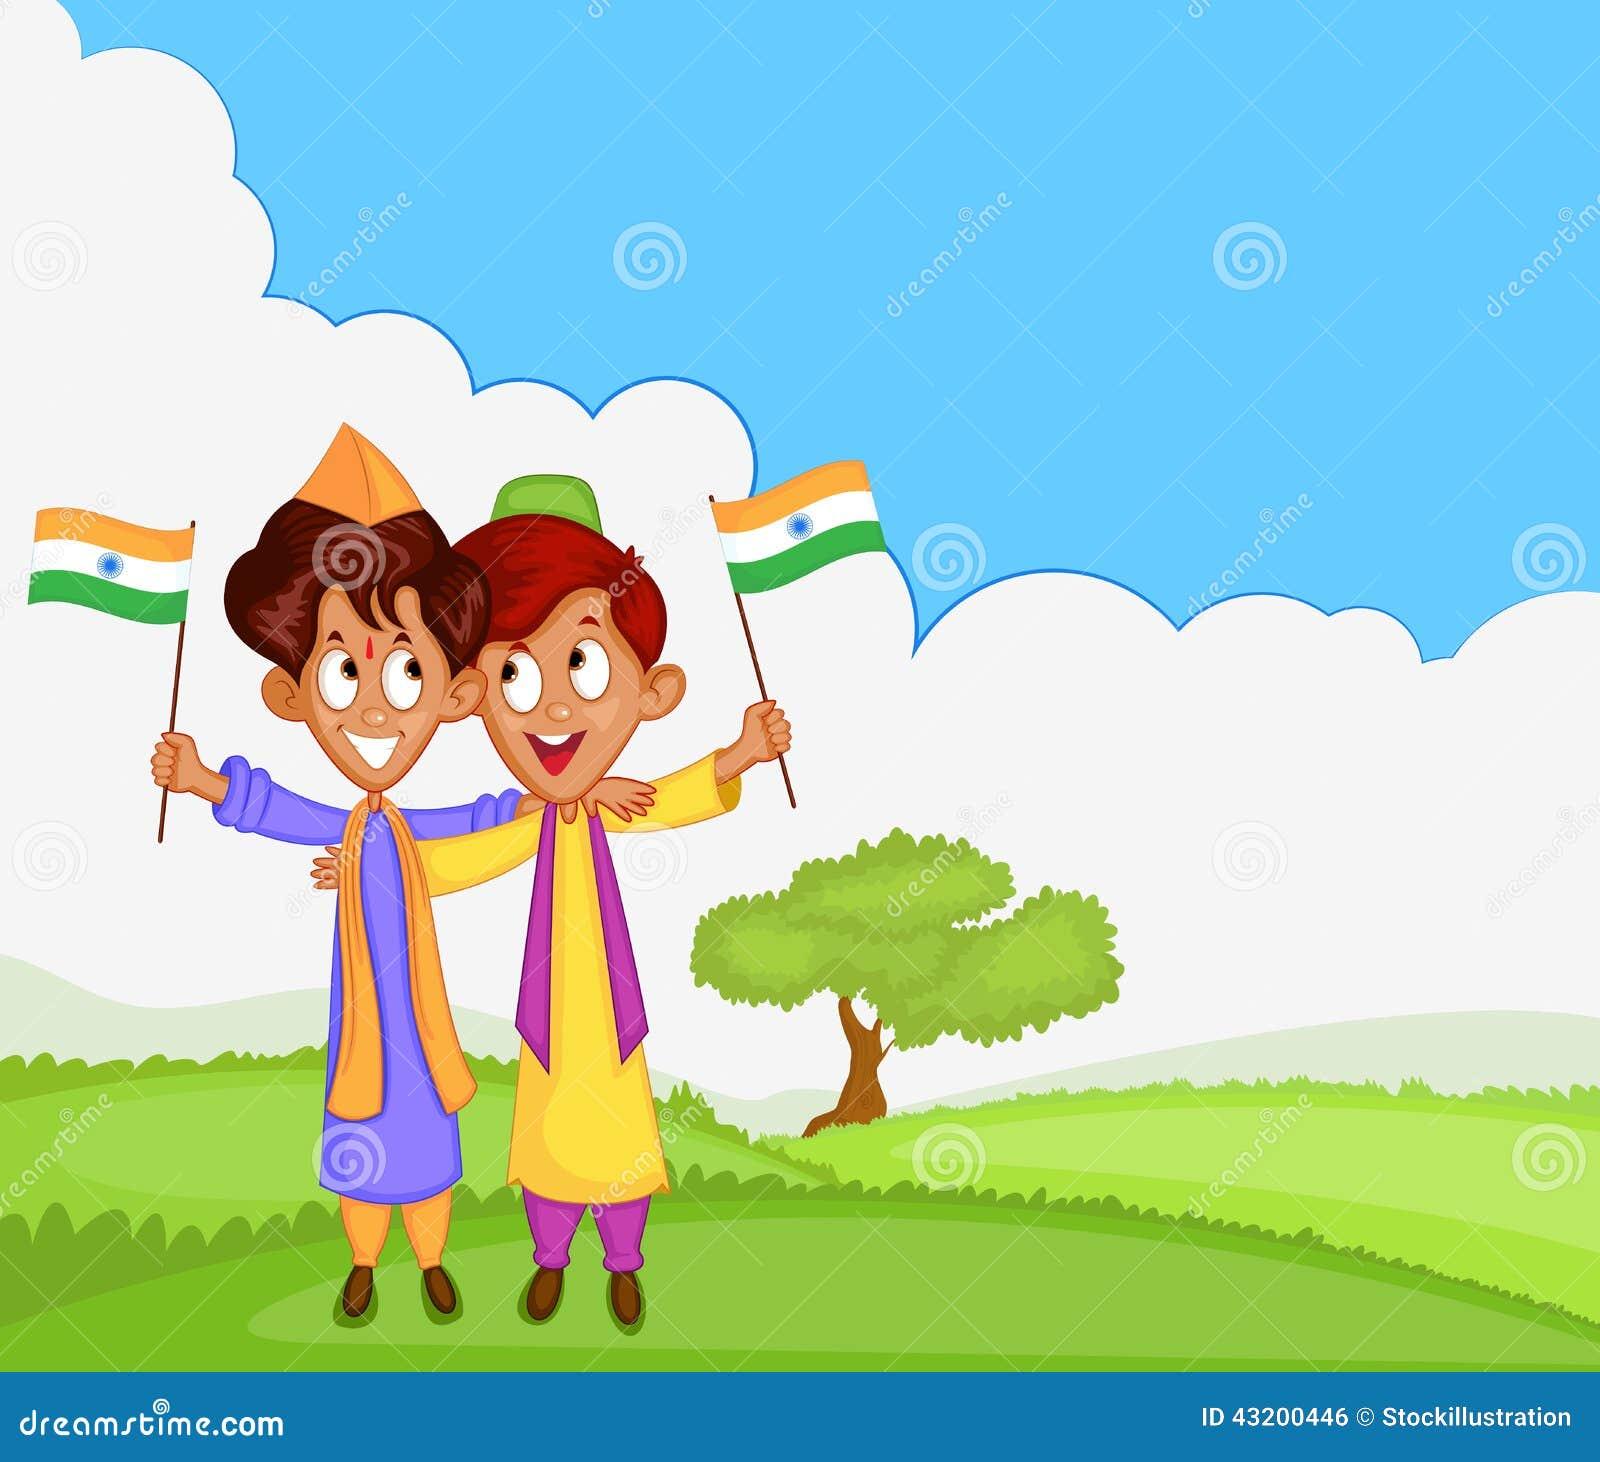 Download Indisk Pojke Som Hissar Flaggan Av Indien Vektor Illustrationer - Illustration av nationalism, vän: 43200446